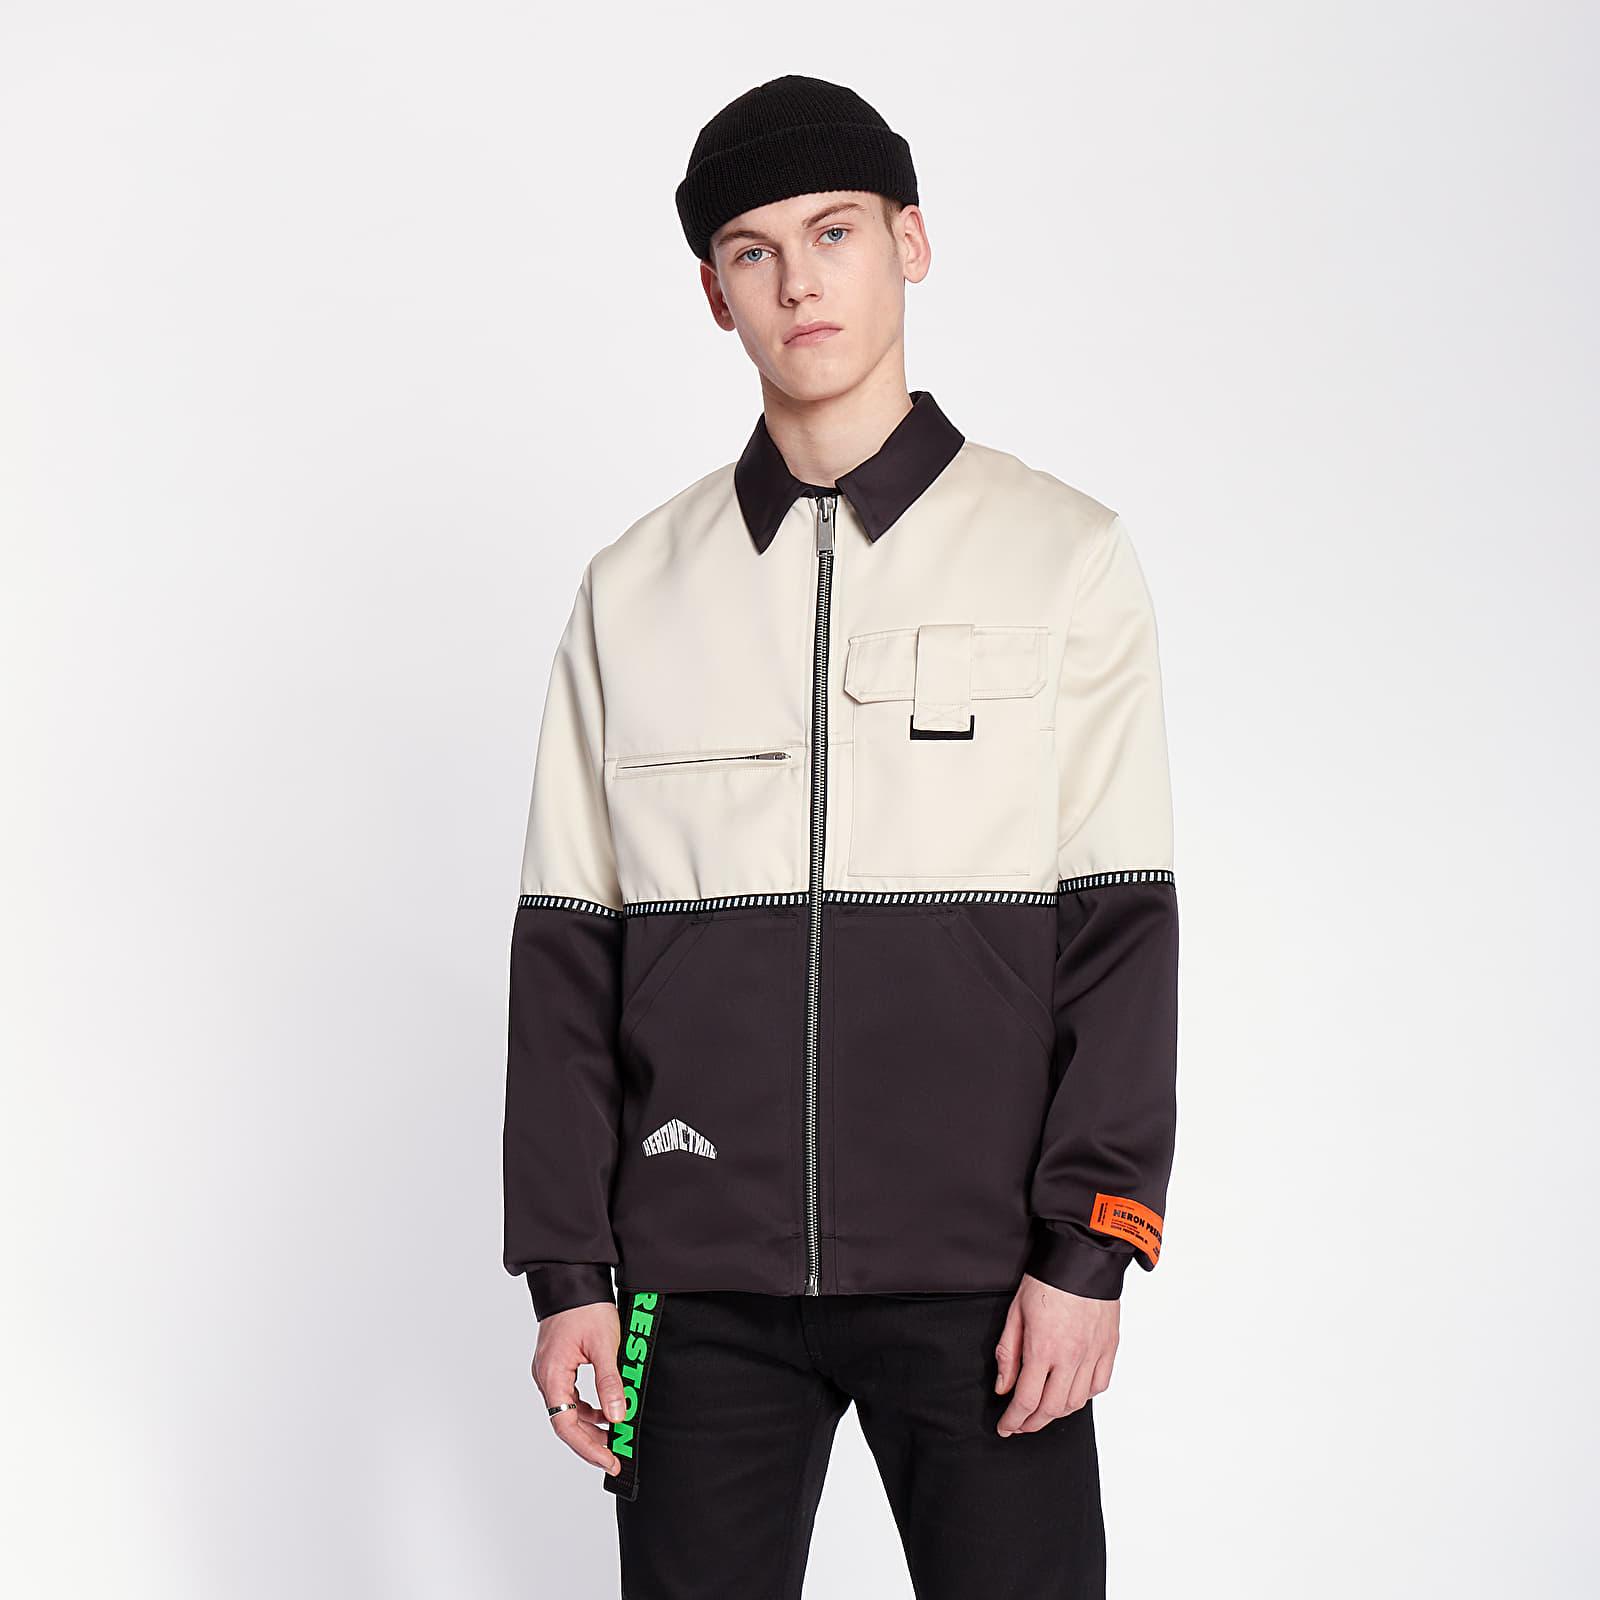 Jackets HERON PRESTON Mikado Workers Jacket Black/ White